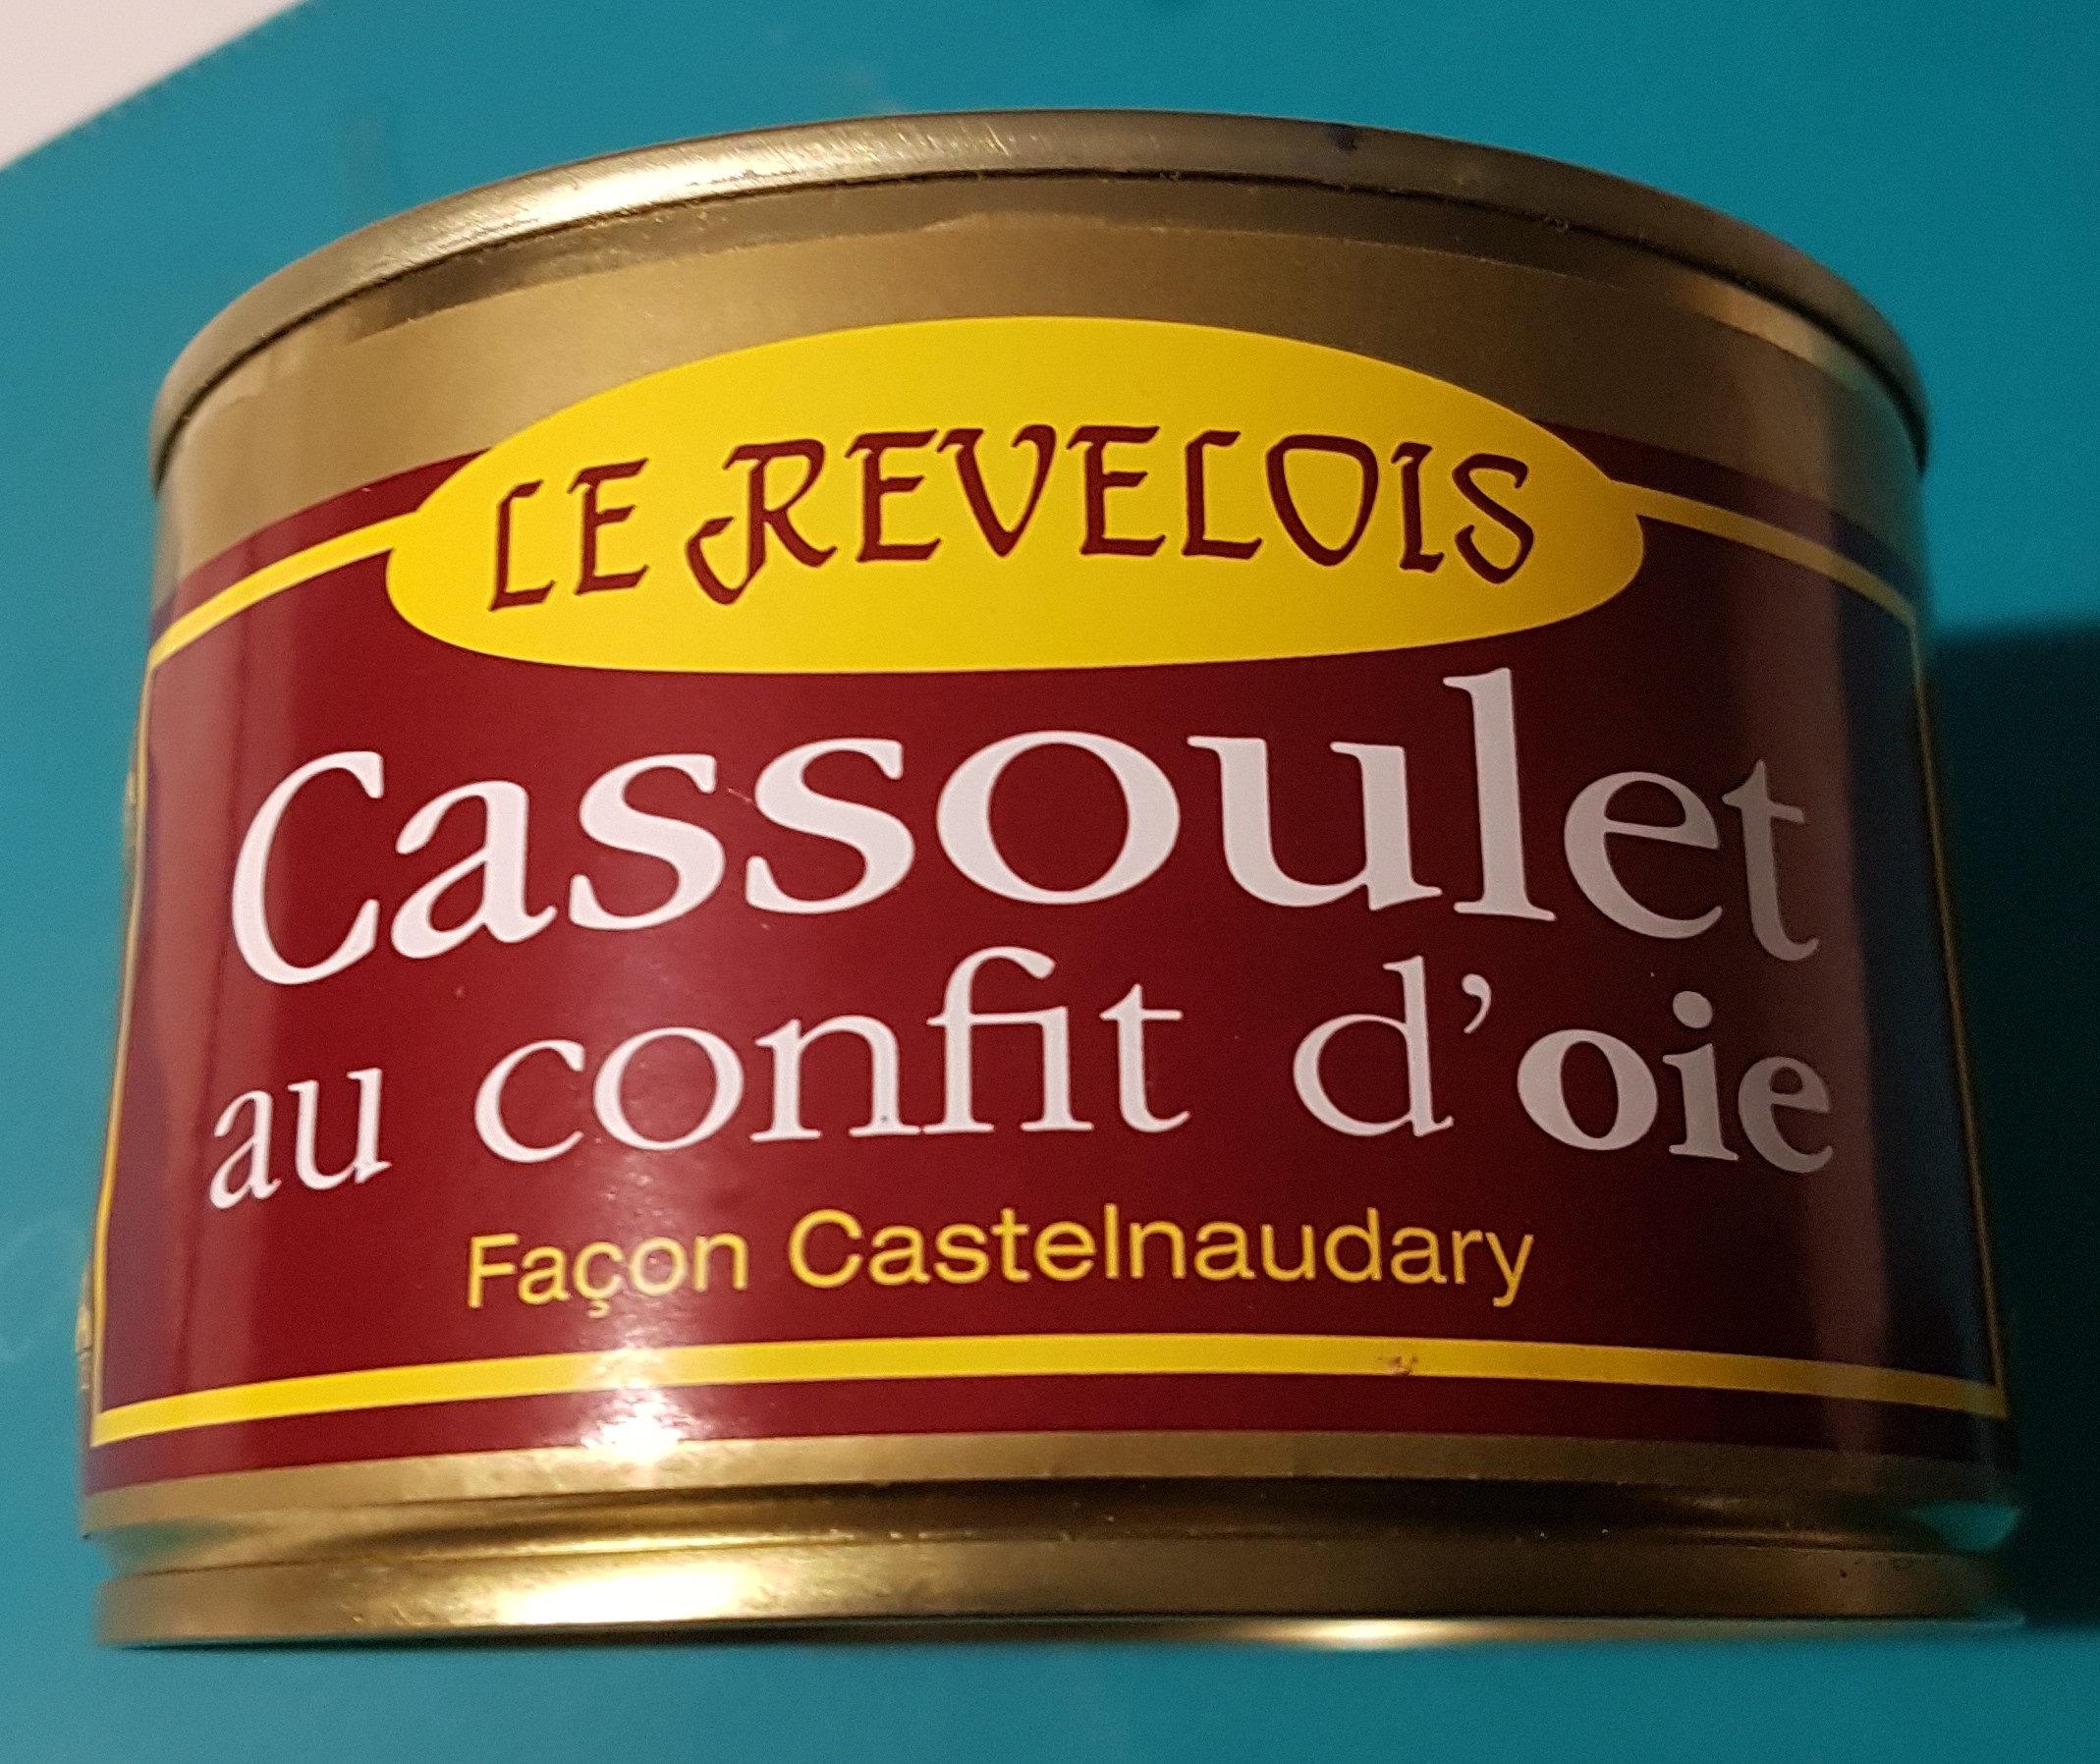 Cassoulet au confit d'oie façon Castelnaudary - Product - fr